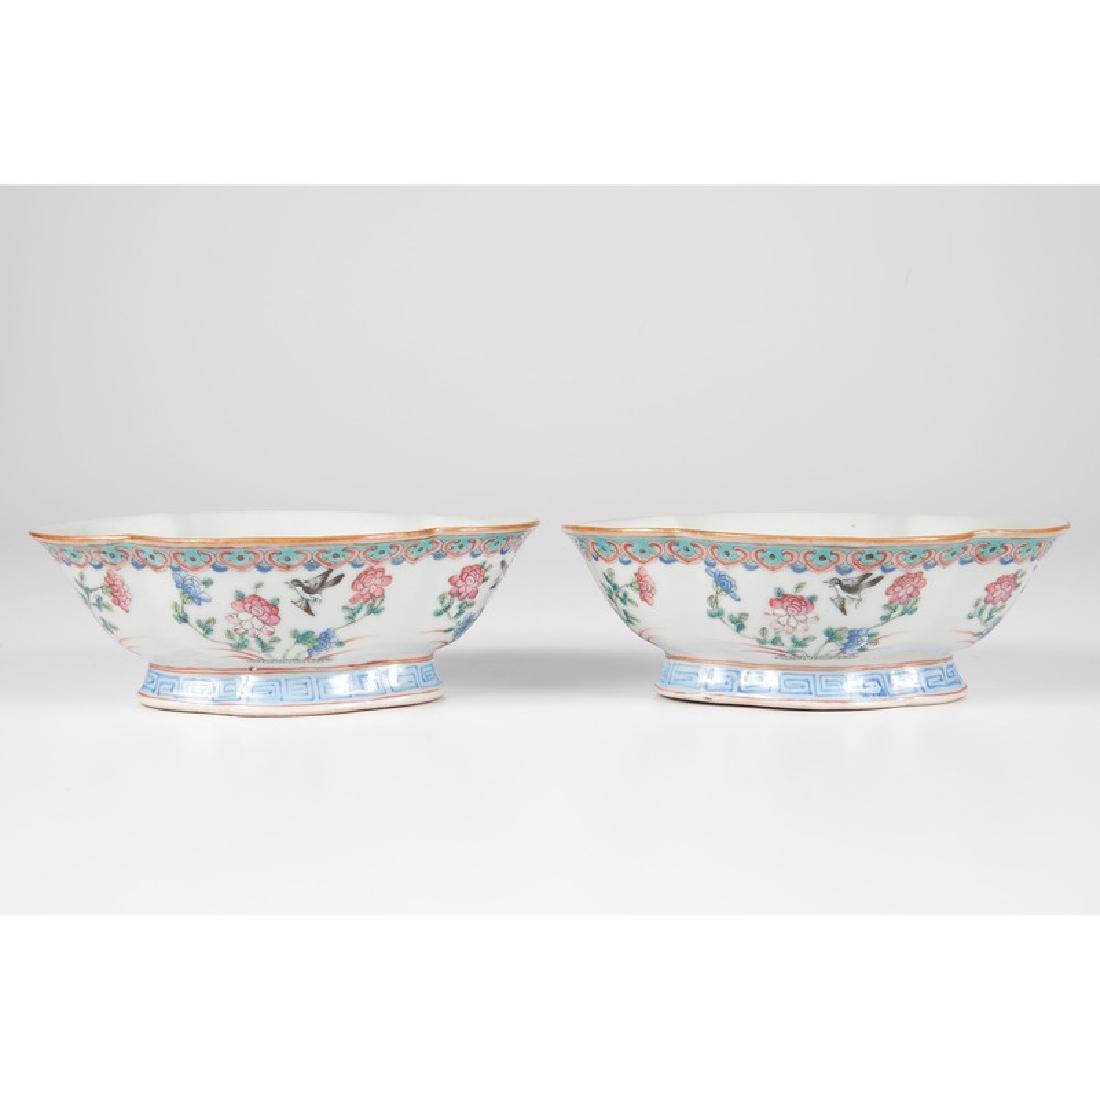 Chinese Porcelain Quatrefoil Bowls